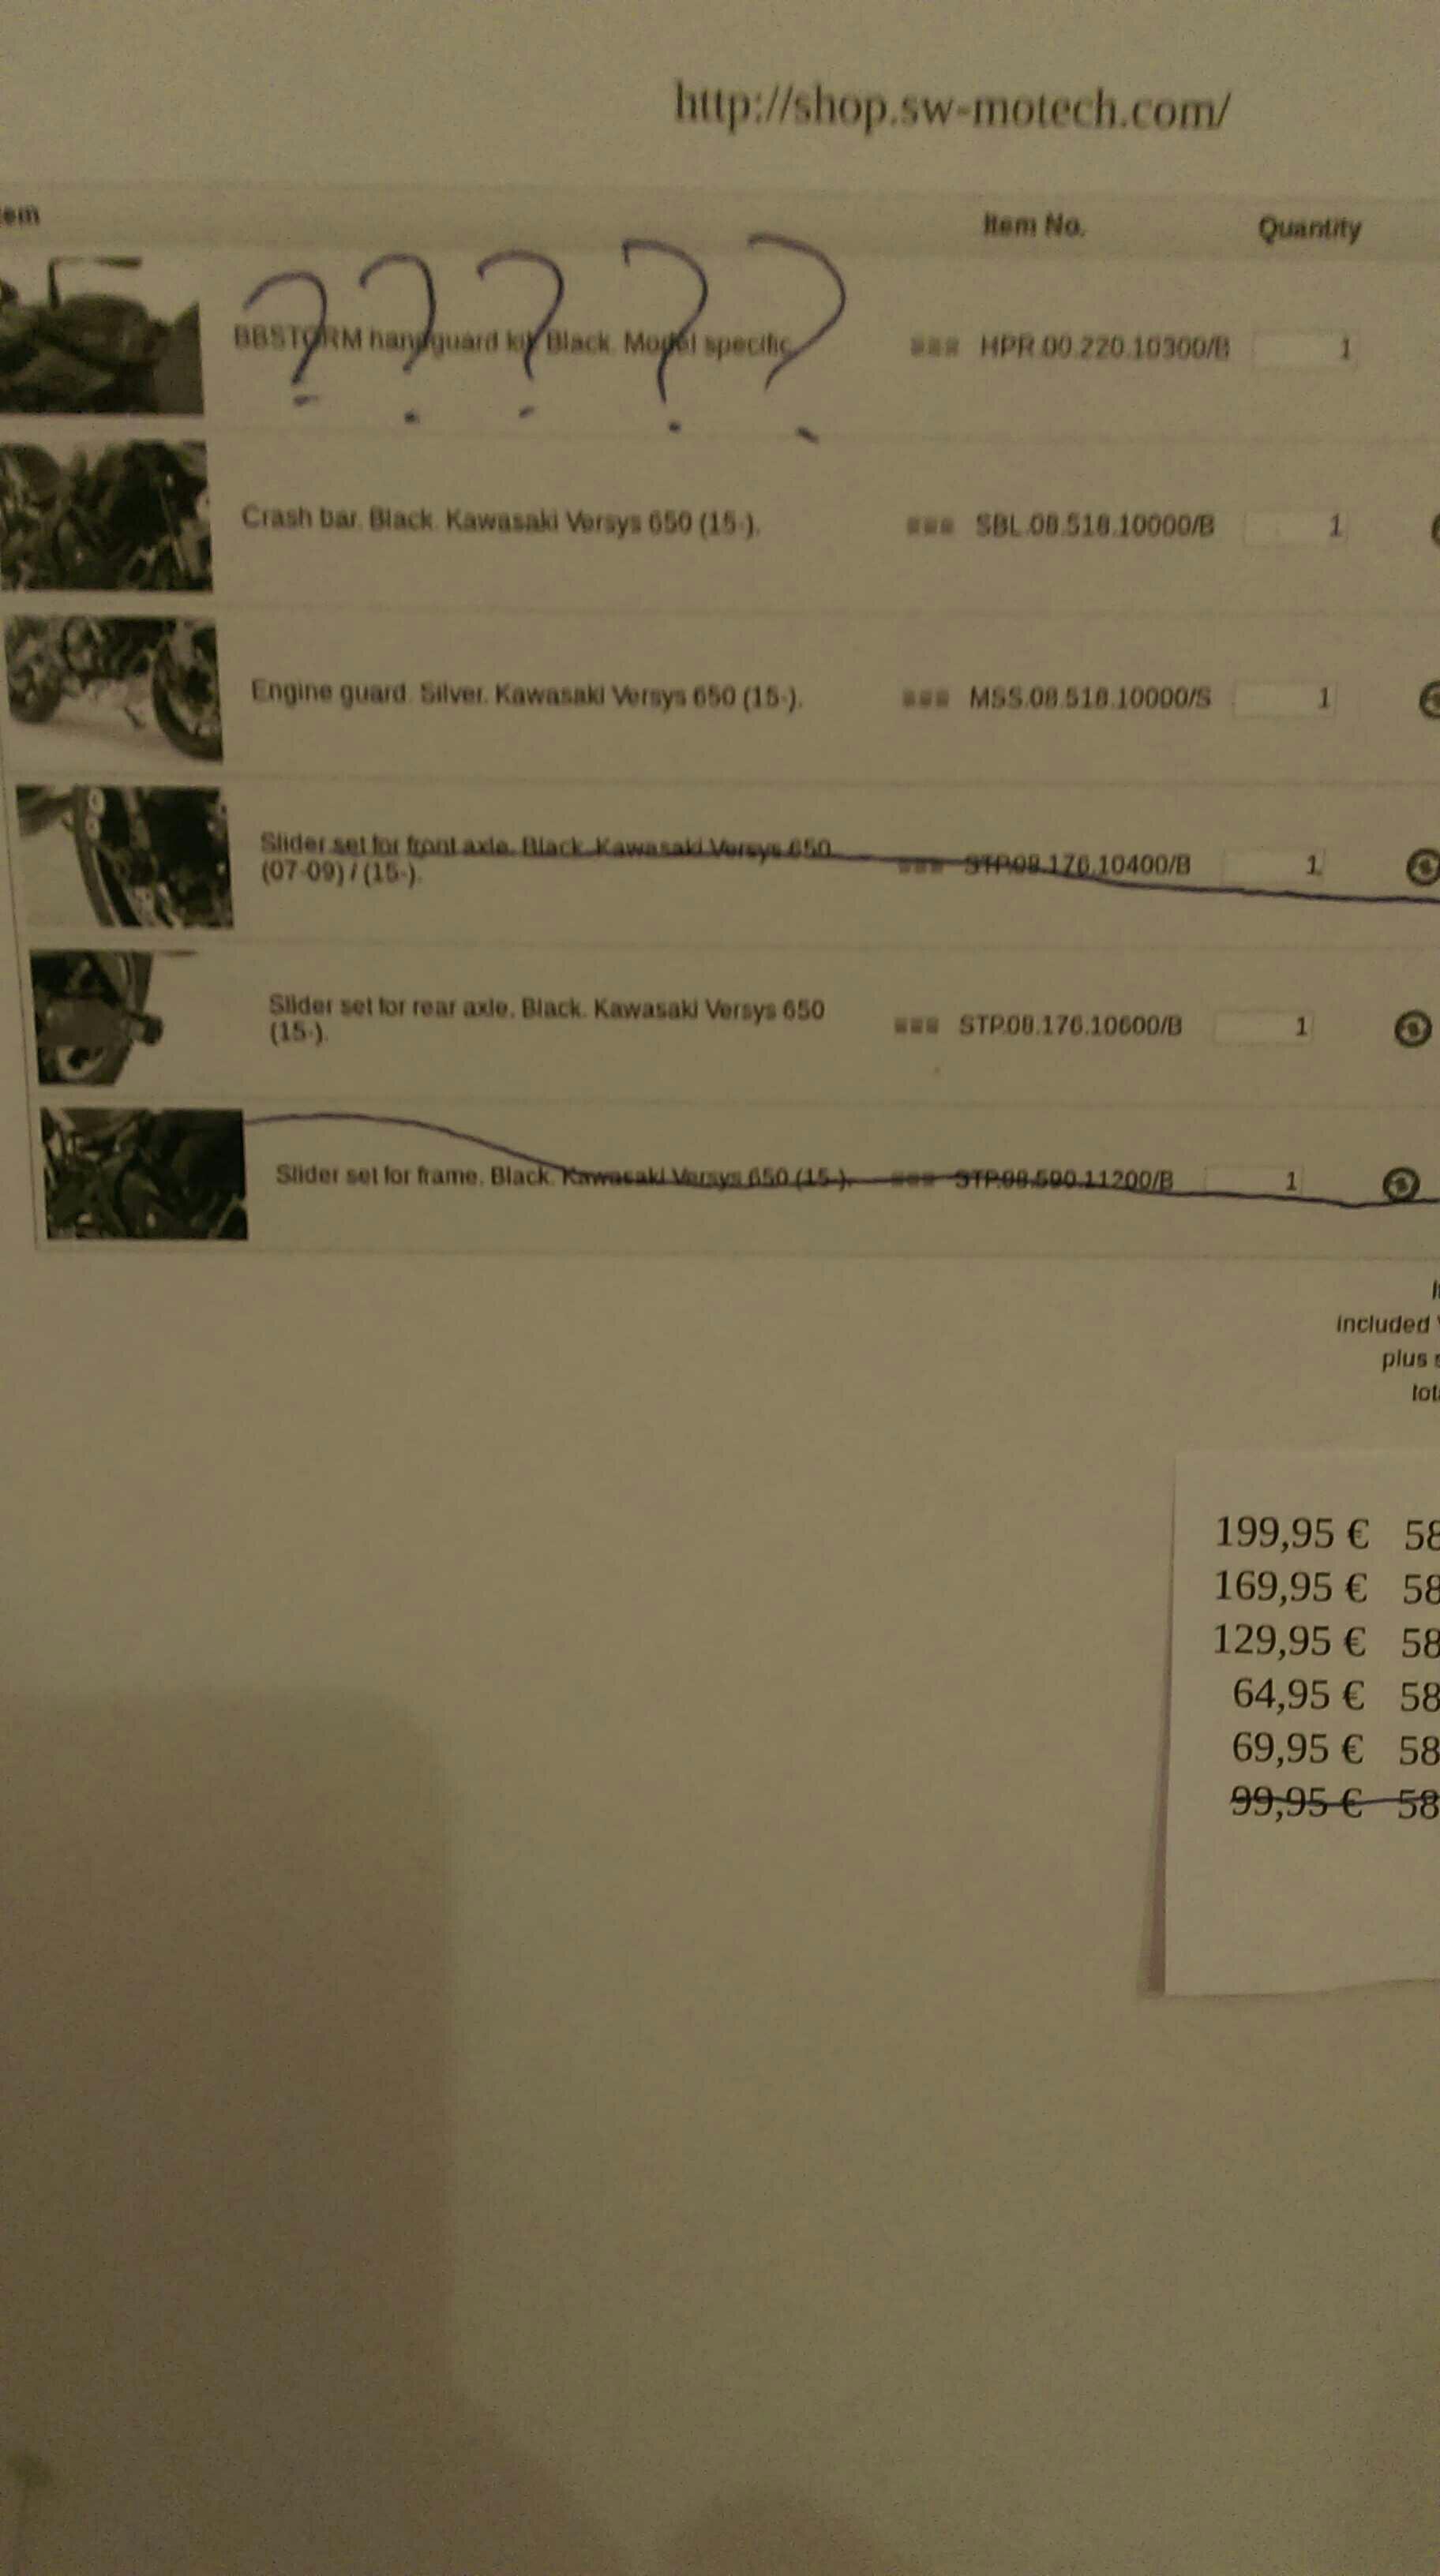 128f13b44c2d3e49dc3da8e08277e932.jpg